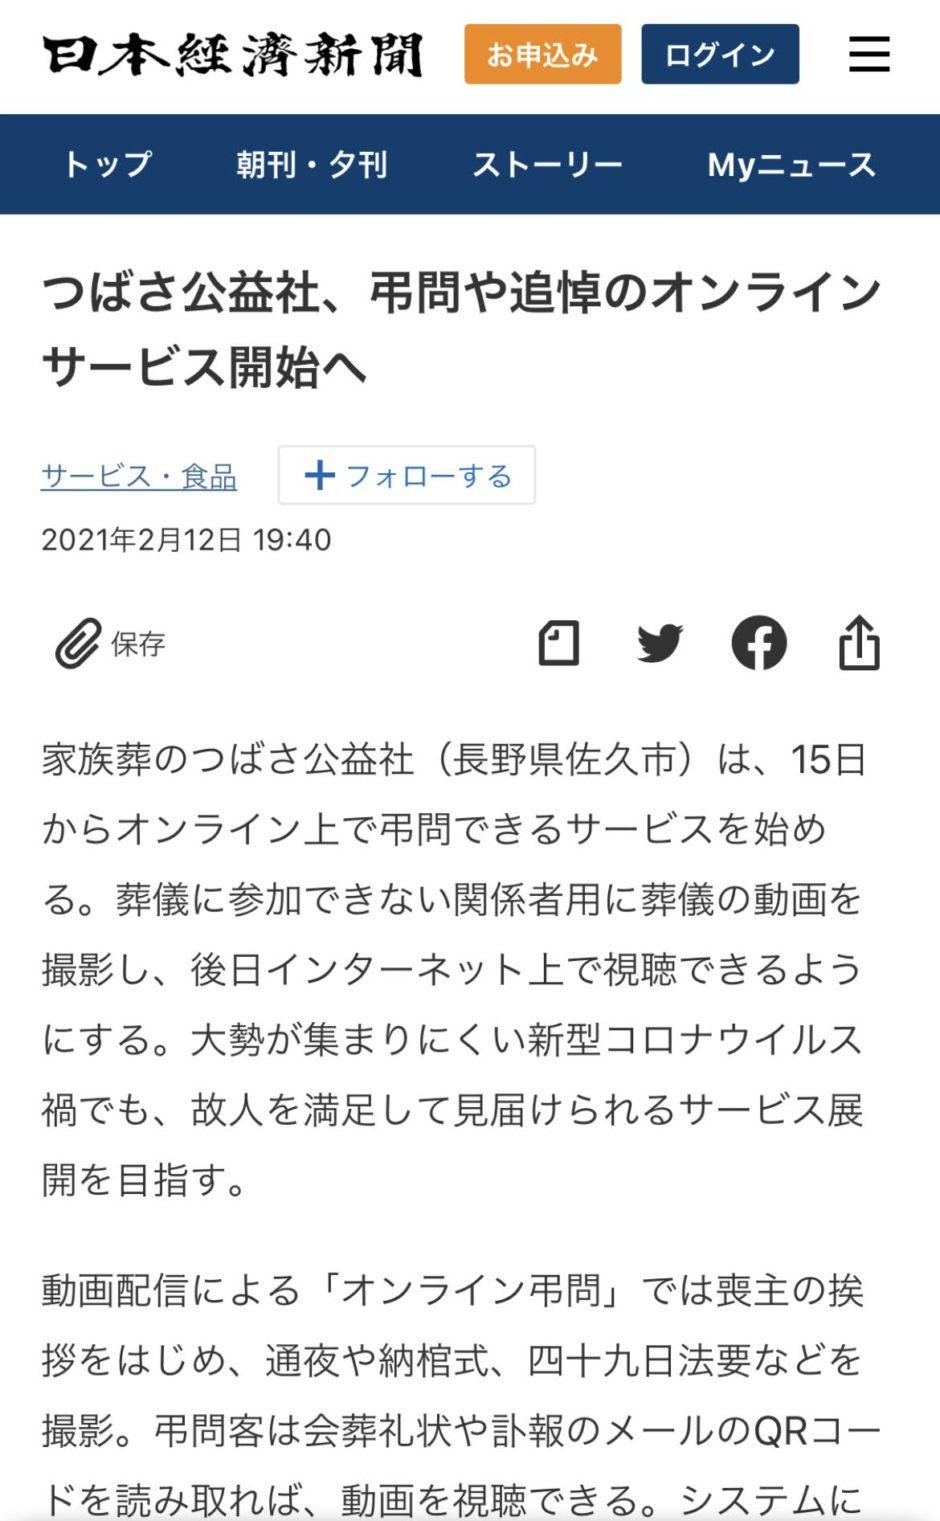 日経新聞2月13日つばさ公益社オンライン弔問・オンライン追悼サービス掲載